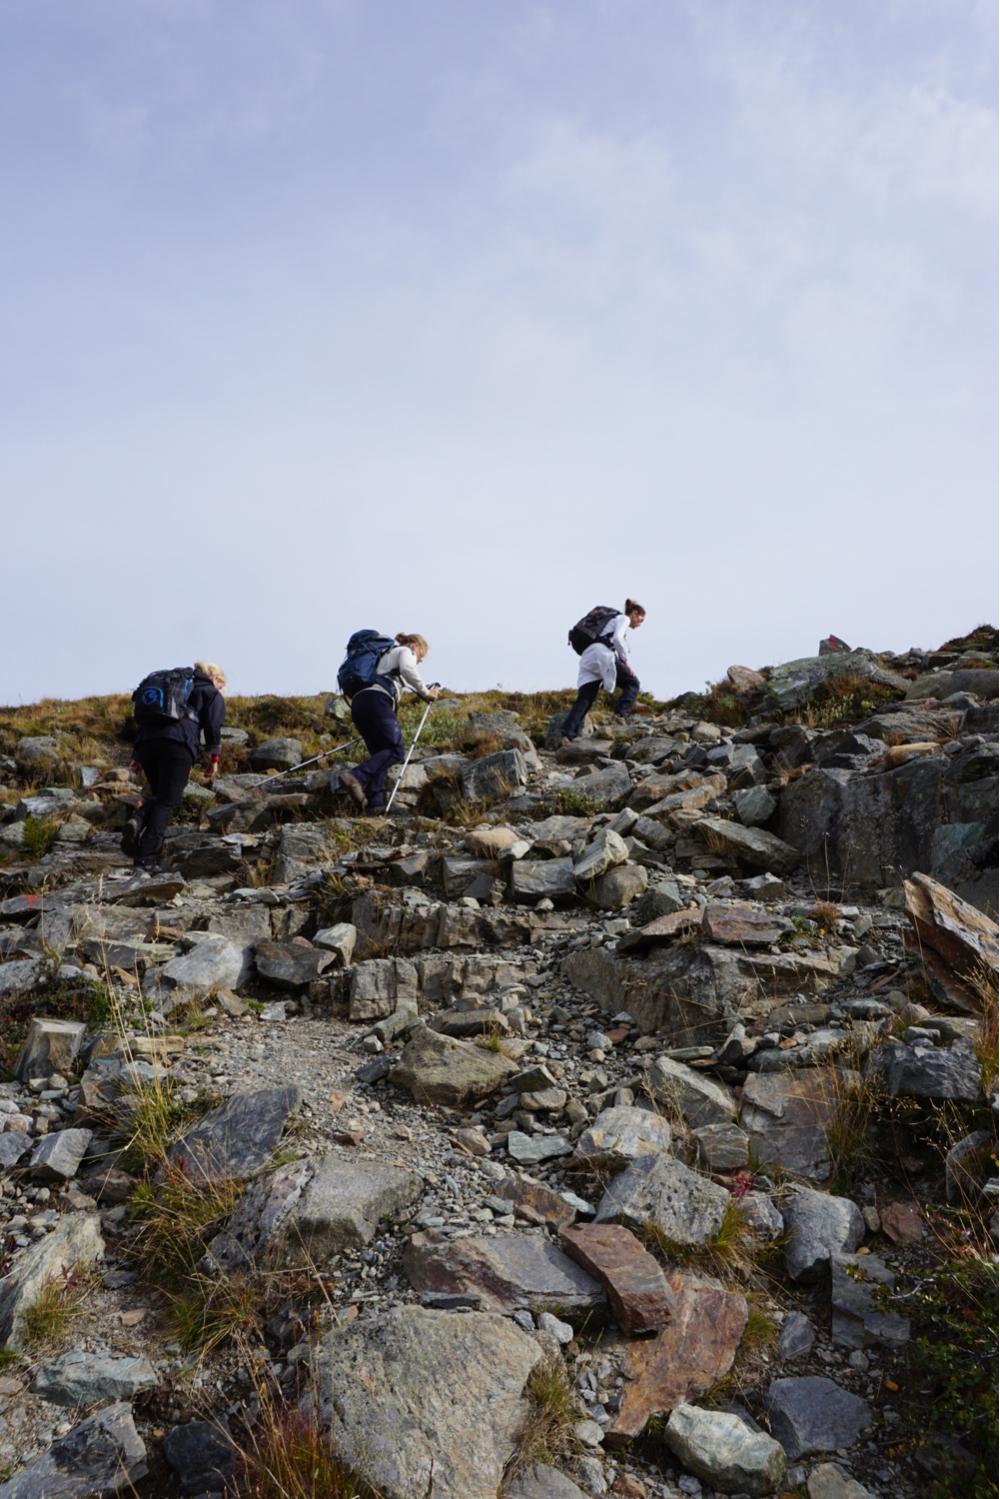 51c6bec2 Det frodige landskapet begynte nå å gå mer og mer over til stein. Stien var  likevel tydelig og merkingen var fortsatt god.